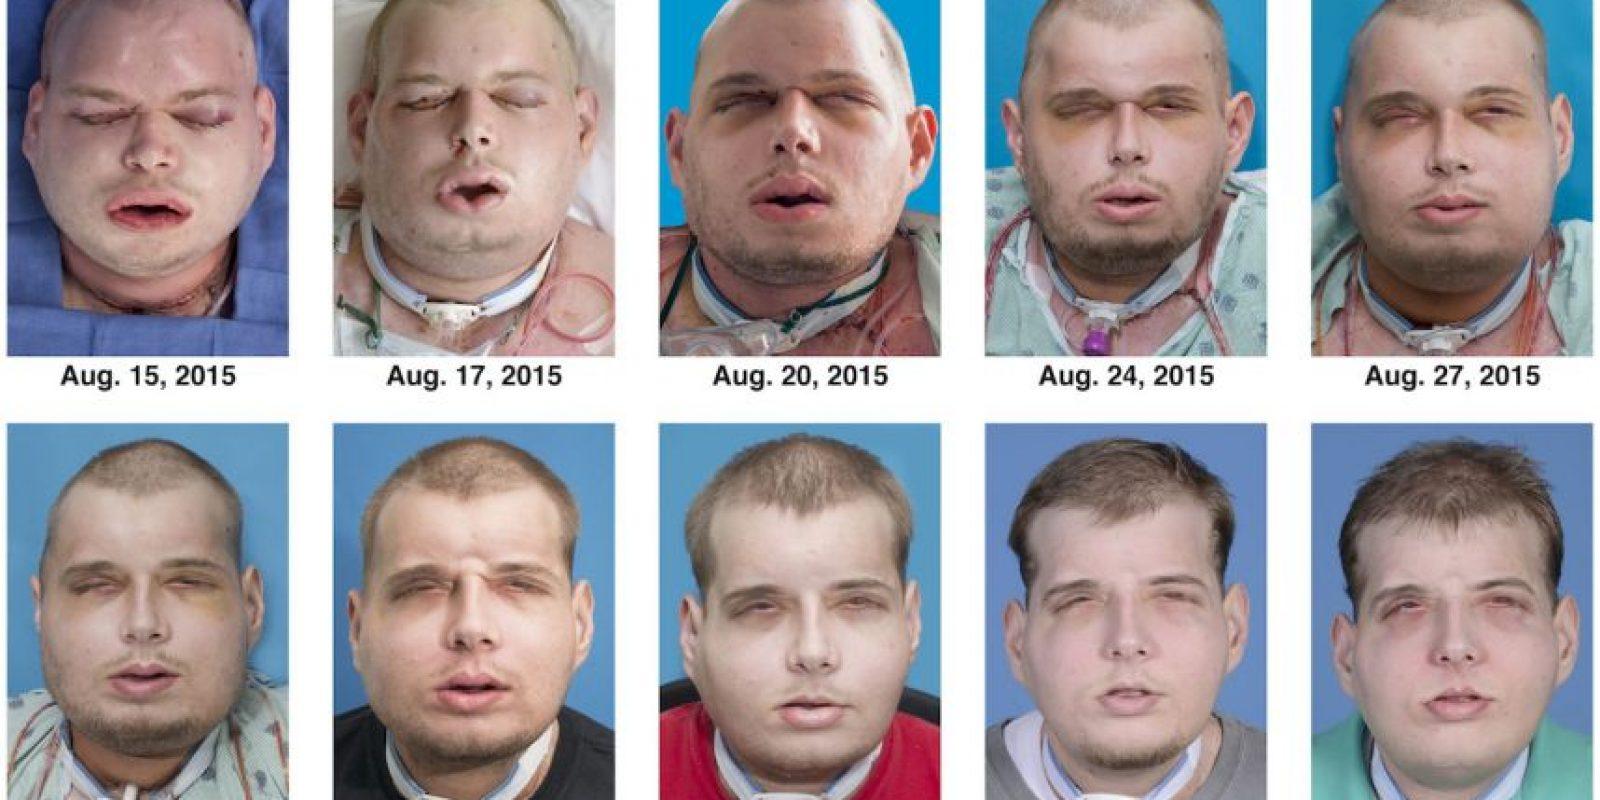 Y fue hasta el pasado agosto que logró conseguir su transplante tras una cirugía de 26 horas. Foto:AP